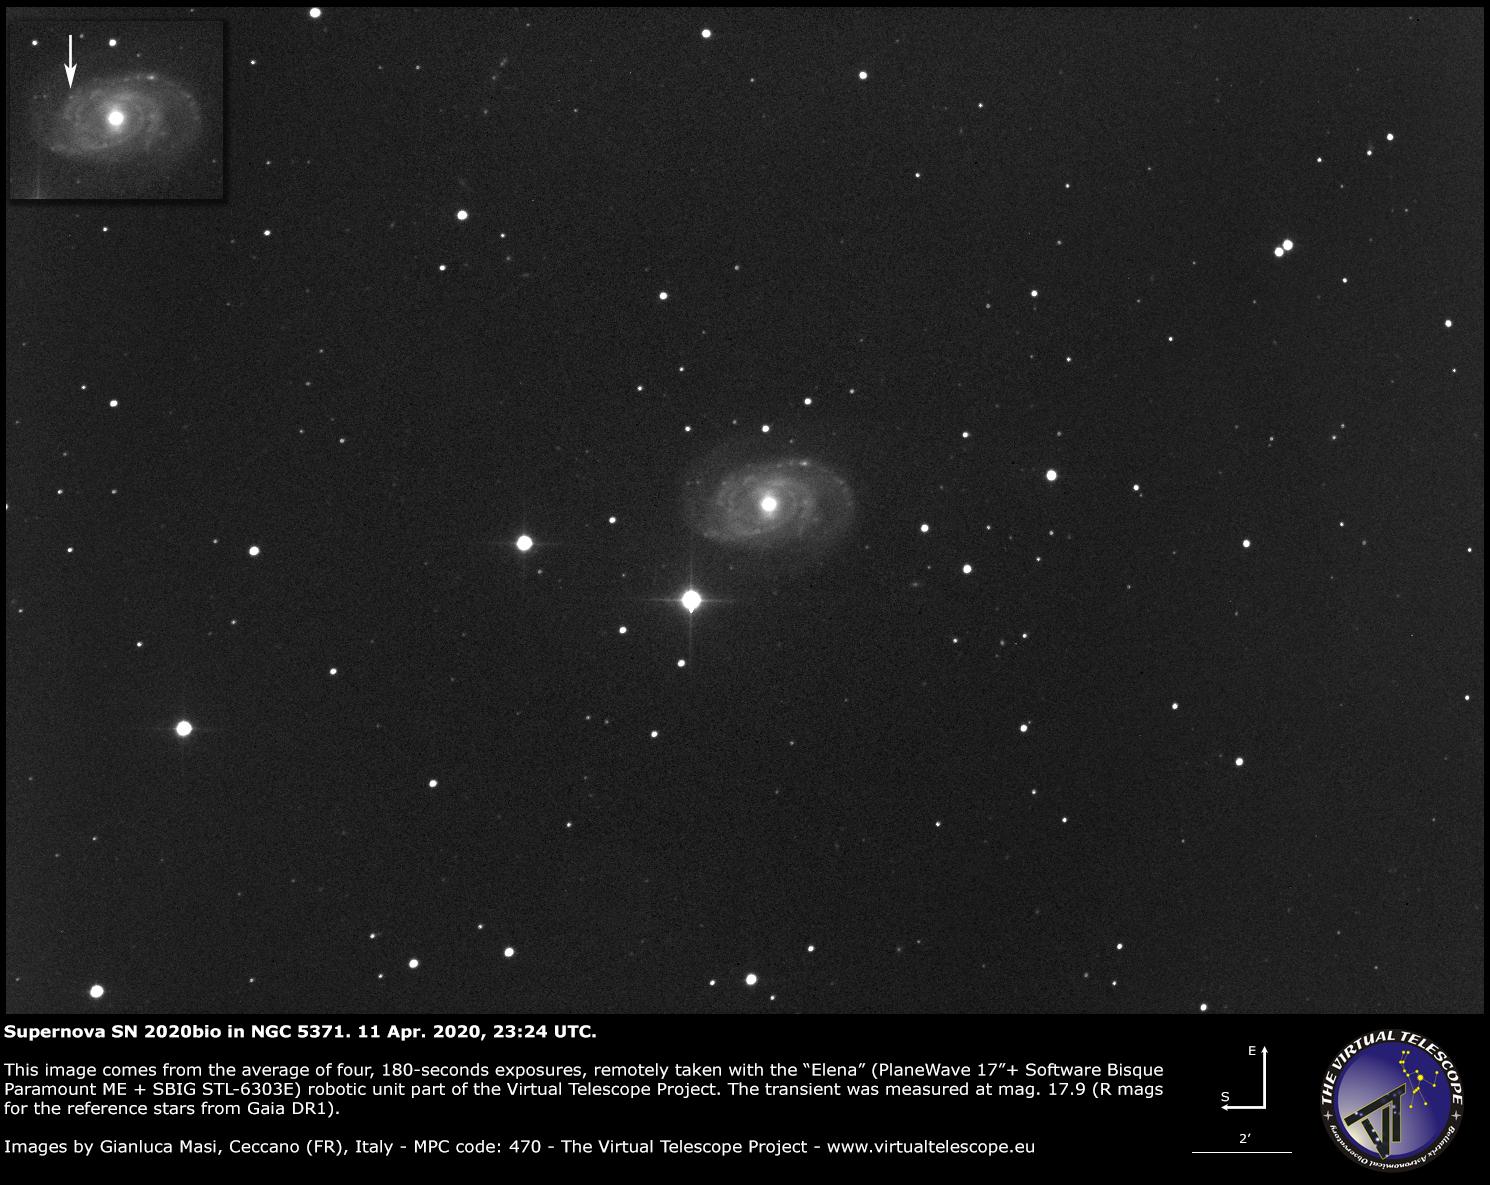 Supernova SN 2020bio in NGC 5371. 11 Apr. 2020